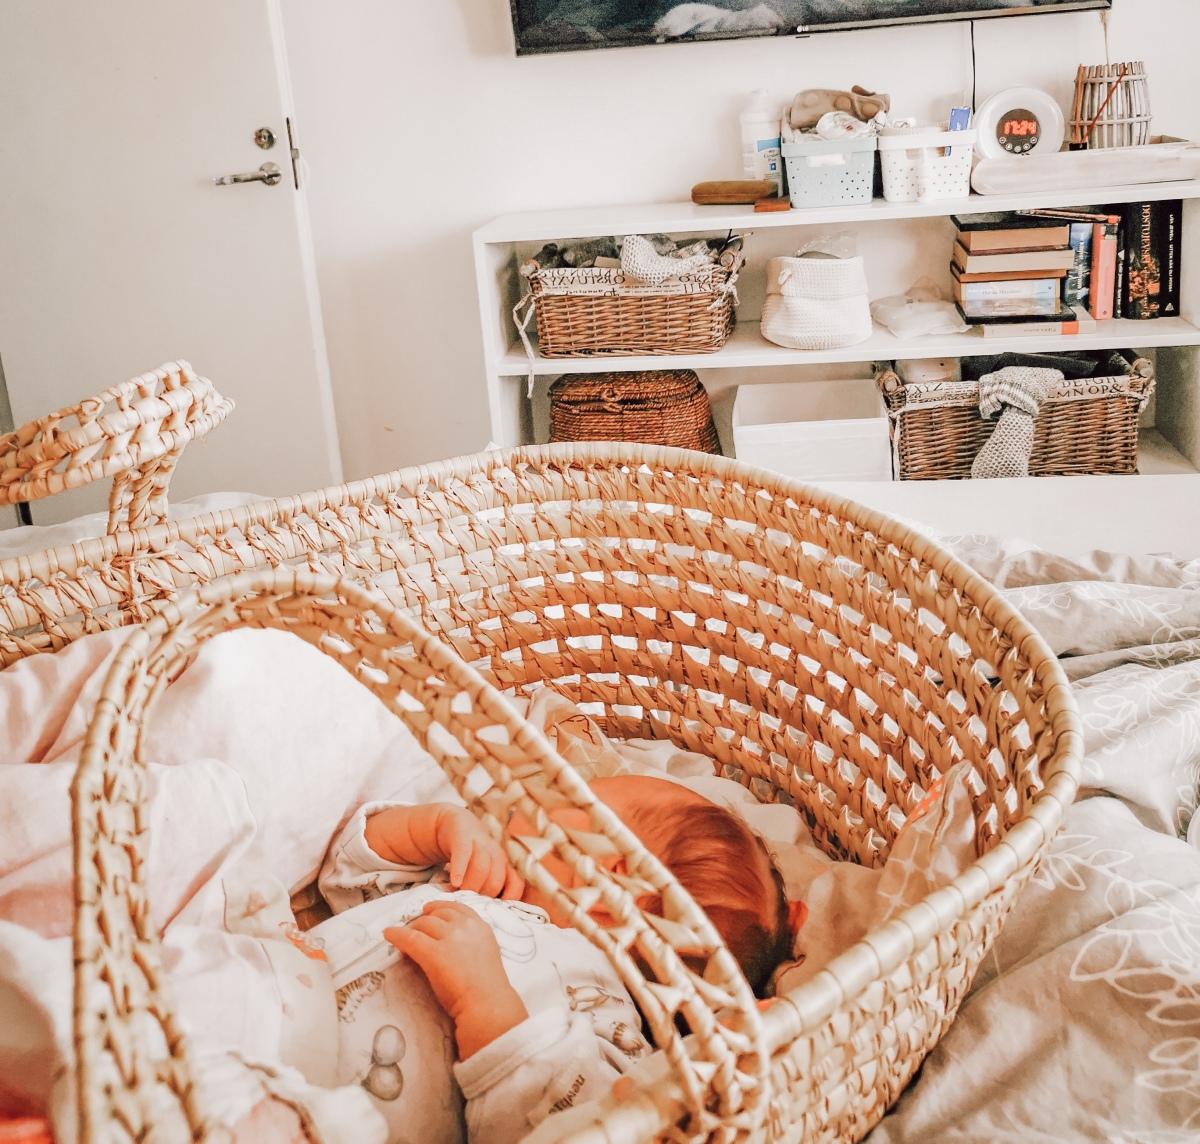 Ensimmäiset 2 viikkoa vauvankanssa